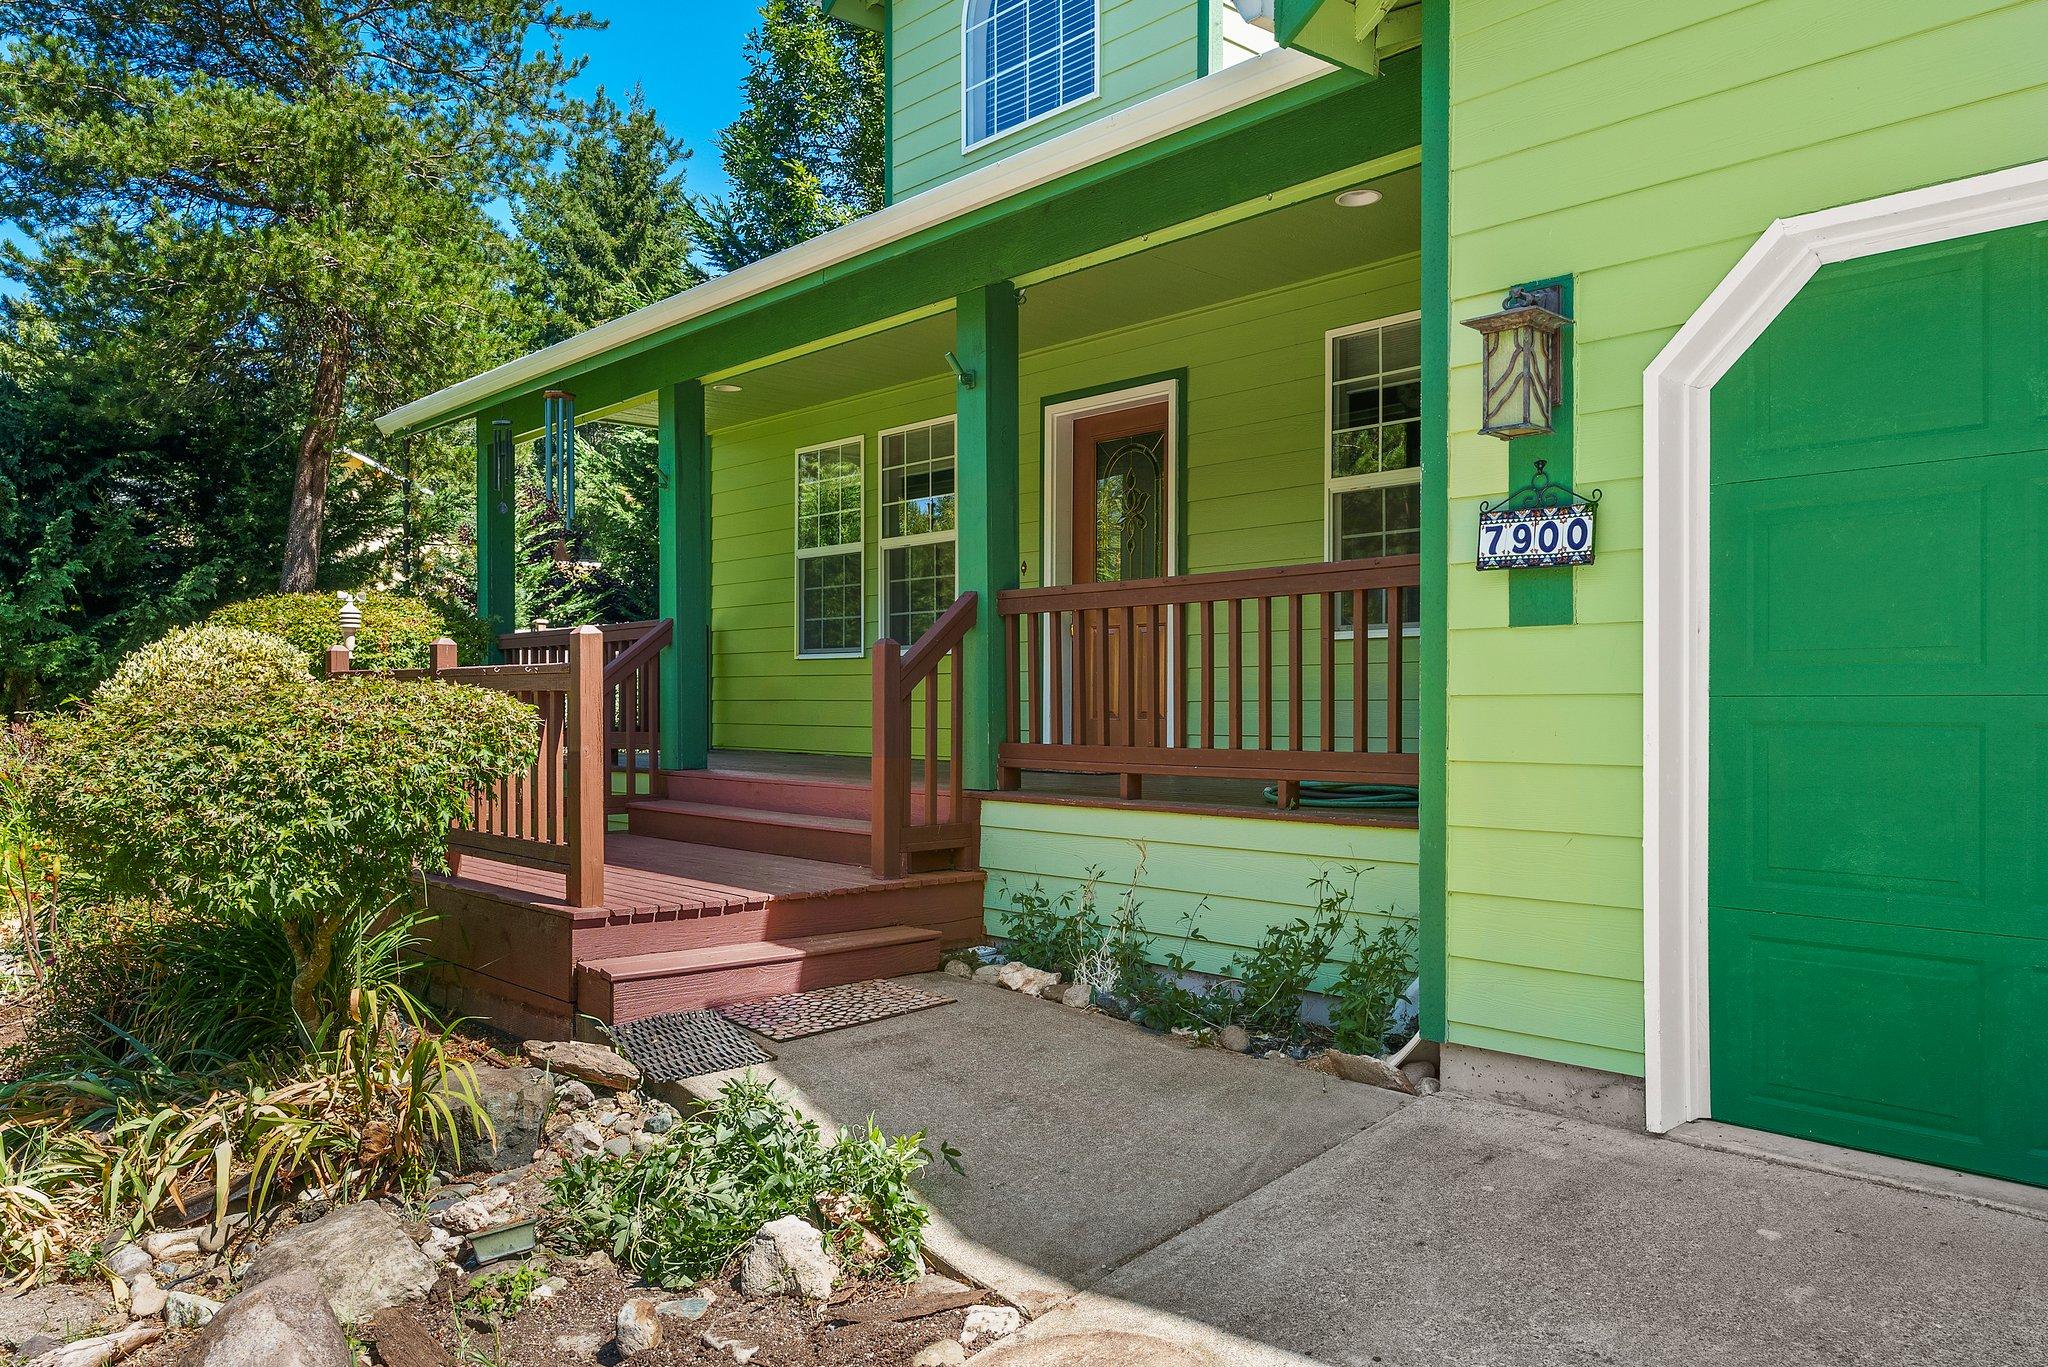 7900 Woods Estate Ln NE, Olympia, WA 98506, USA Photo 4